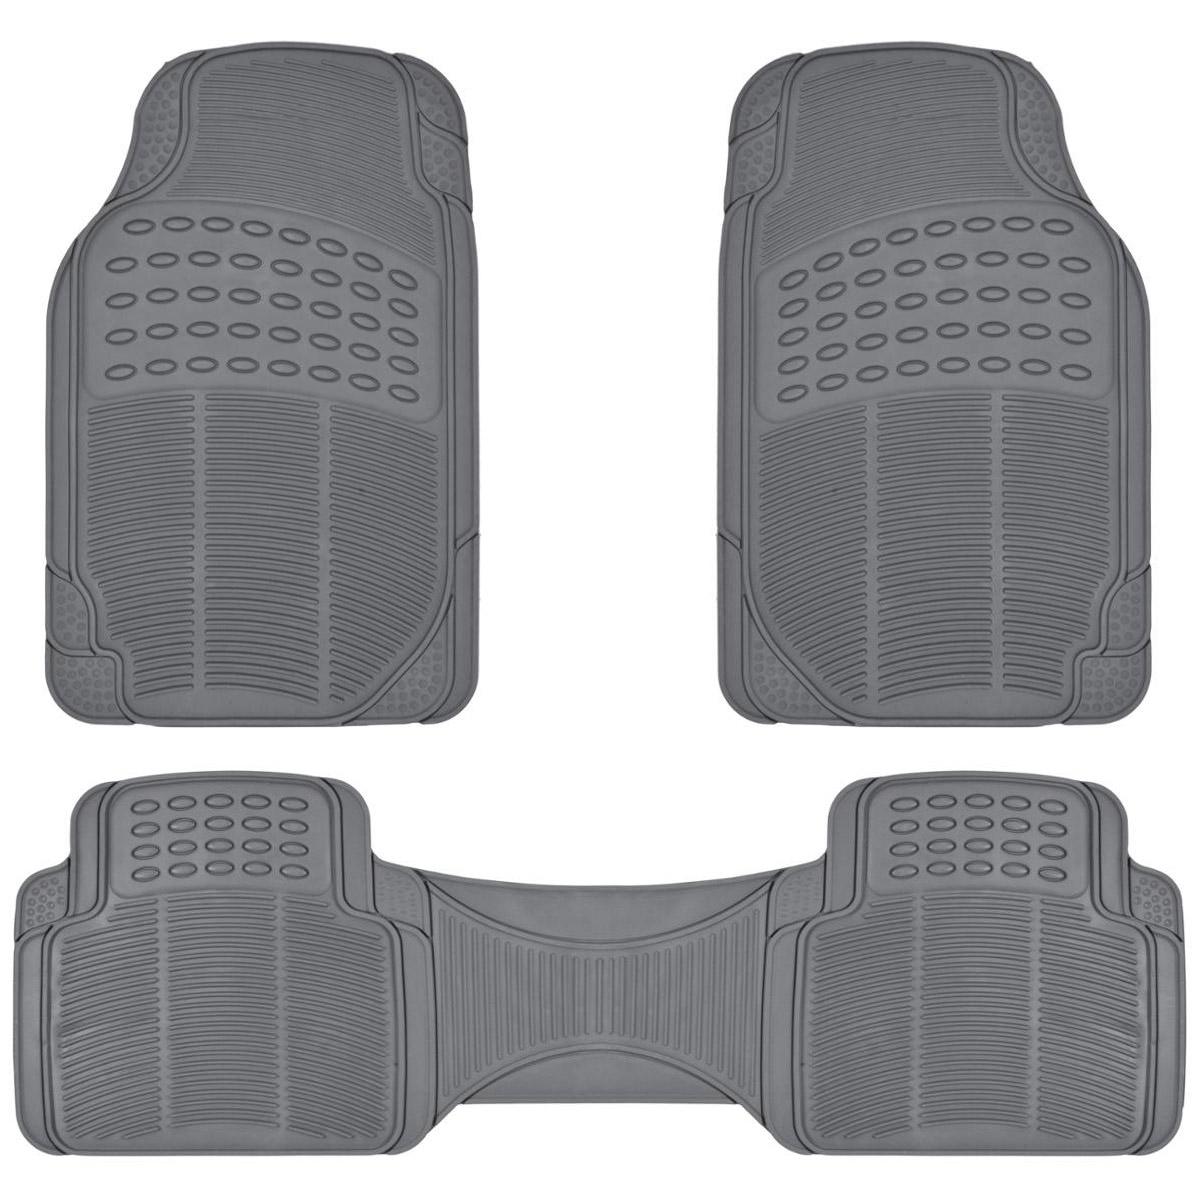 Rubber Liner For Honda CR-V Floor Mats Gray 3 Piece Semi